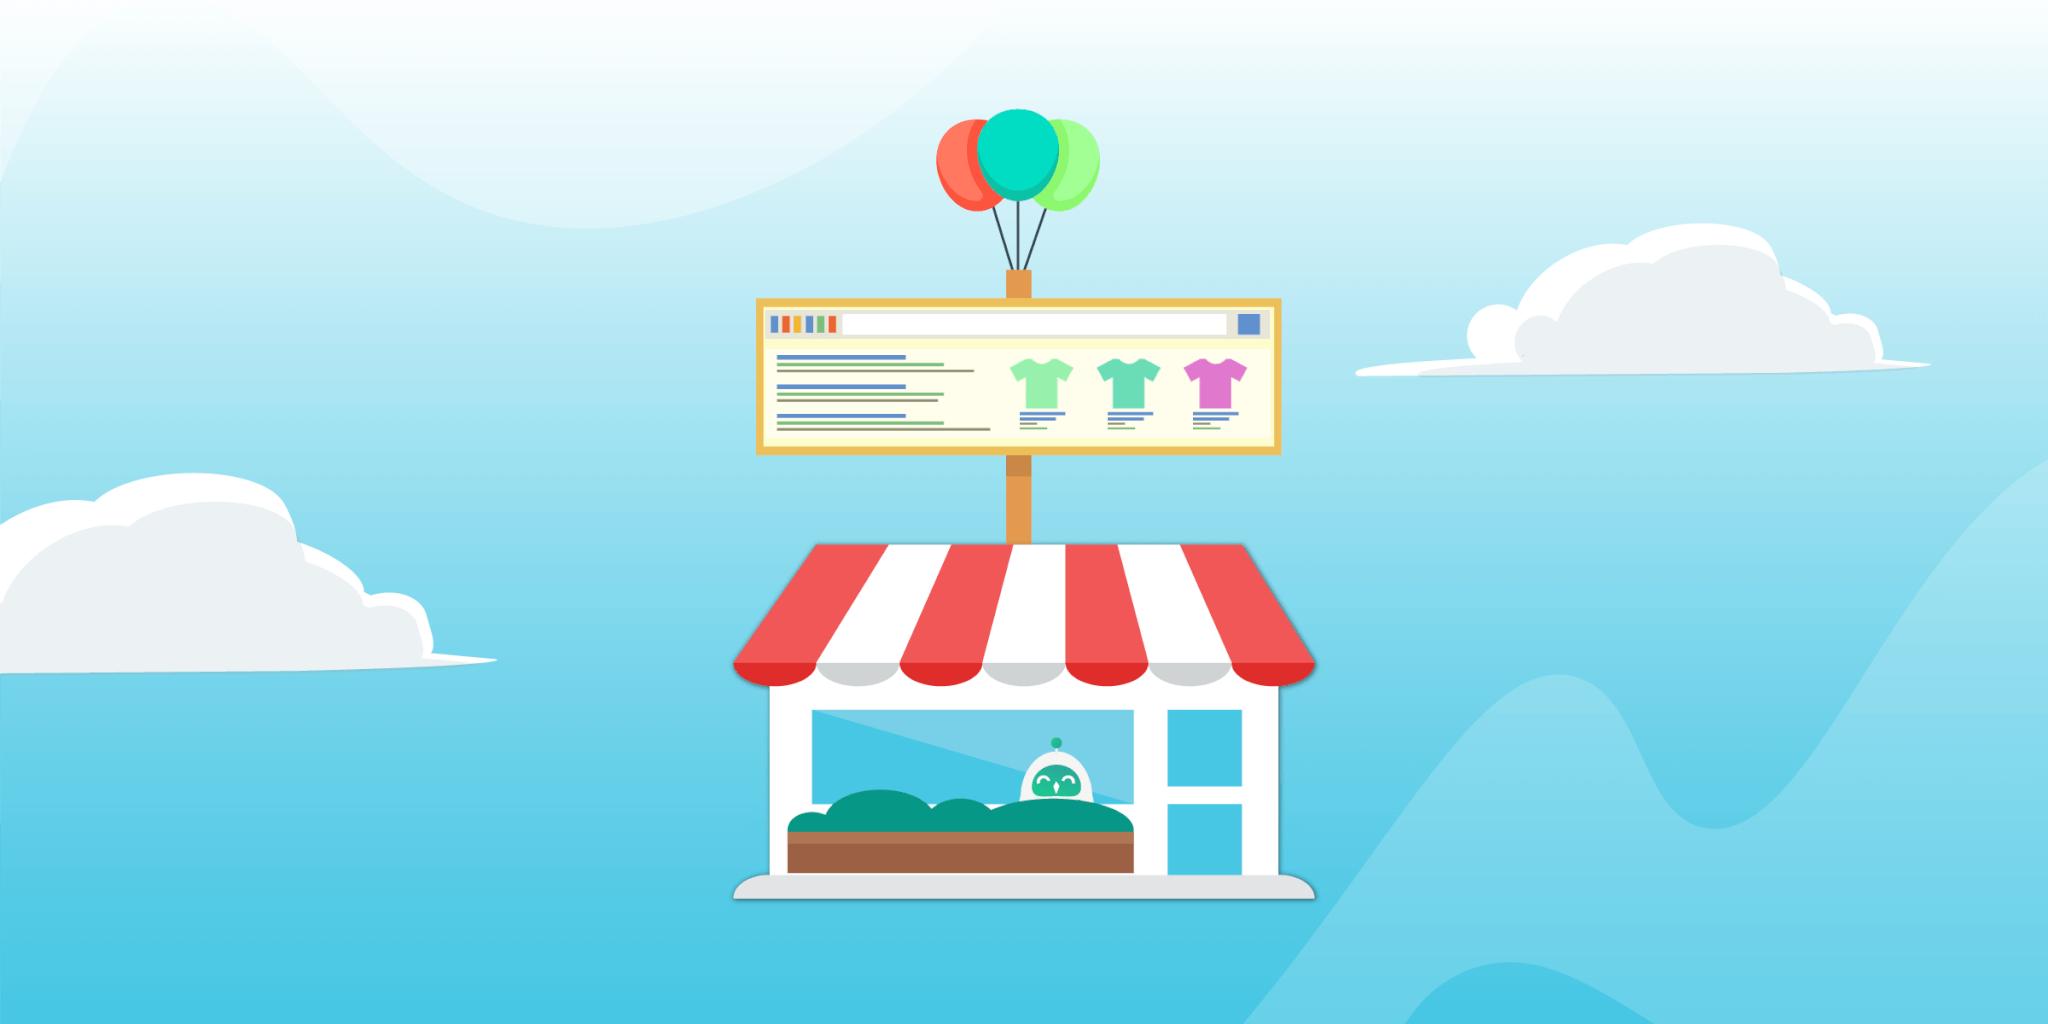 Bán hàng online là gì hiện nay